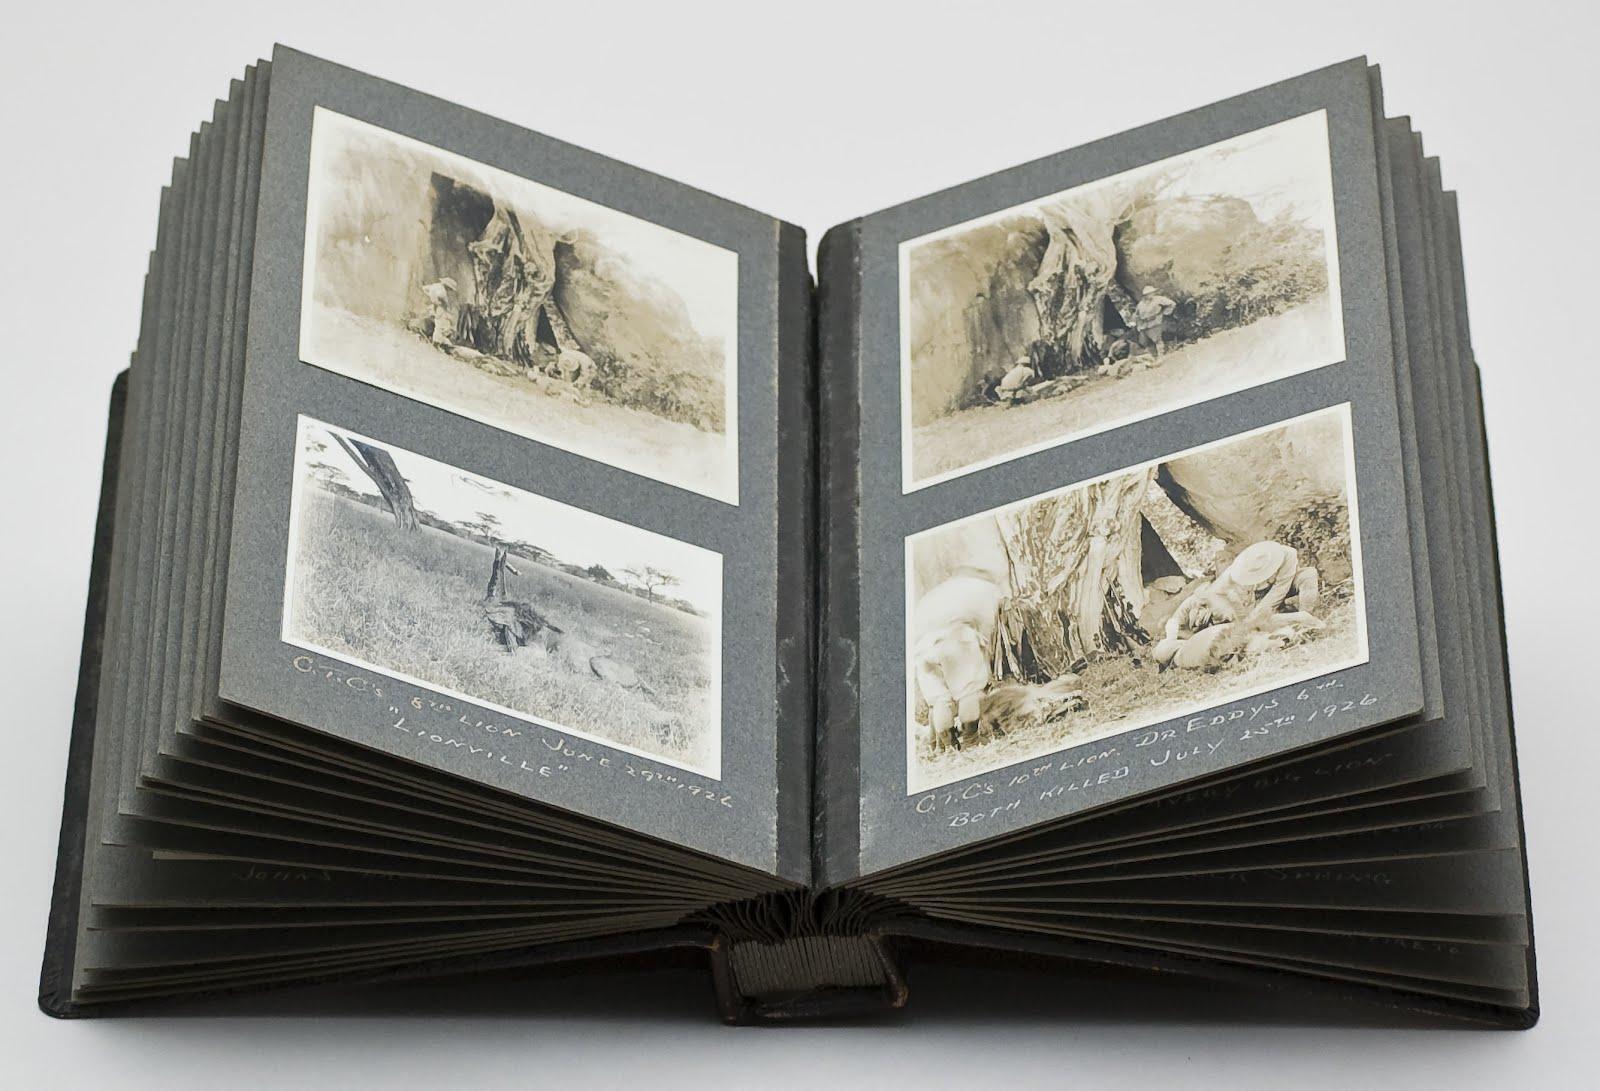 Álbum con imágenes del Falso Profeta de Ap 13,11 Antipapa Benedicto XVI.